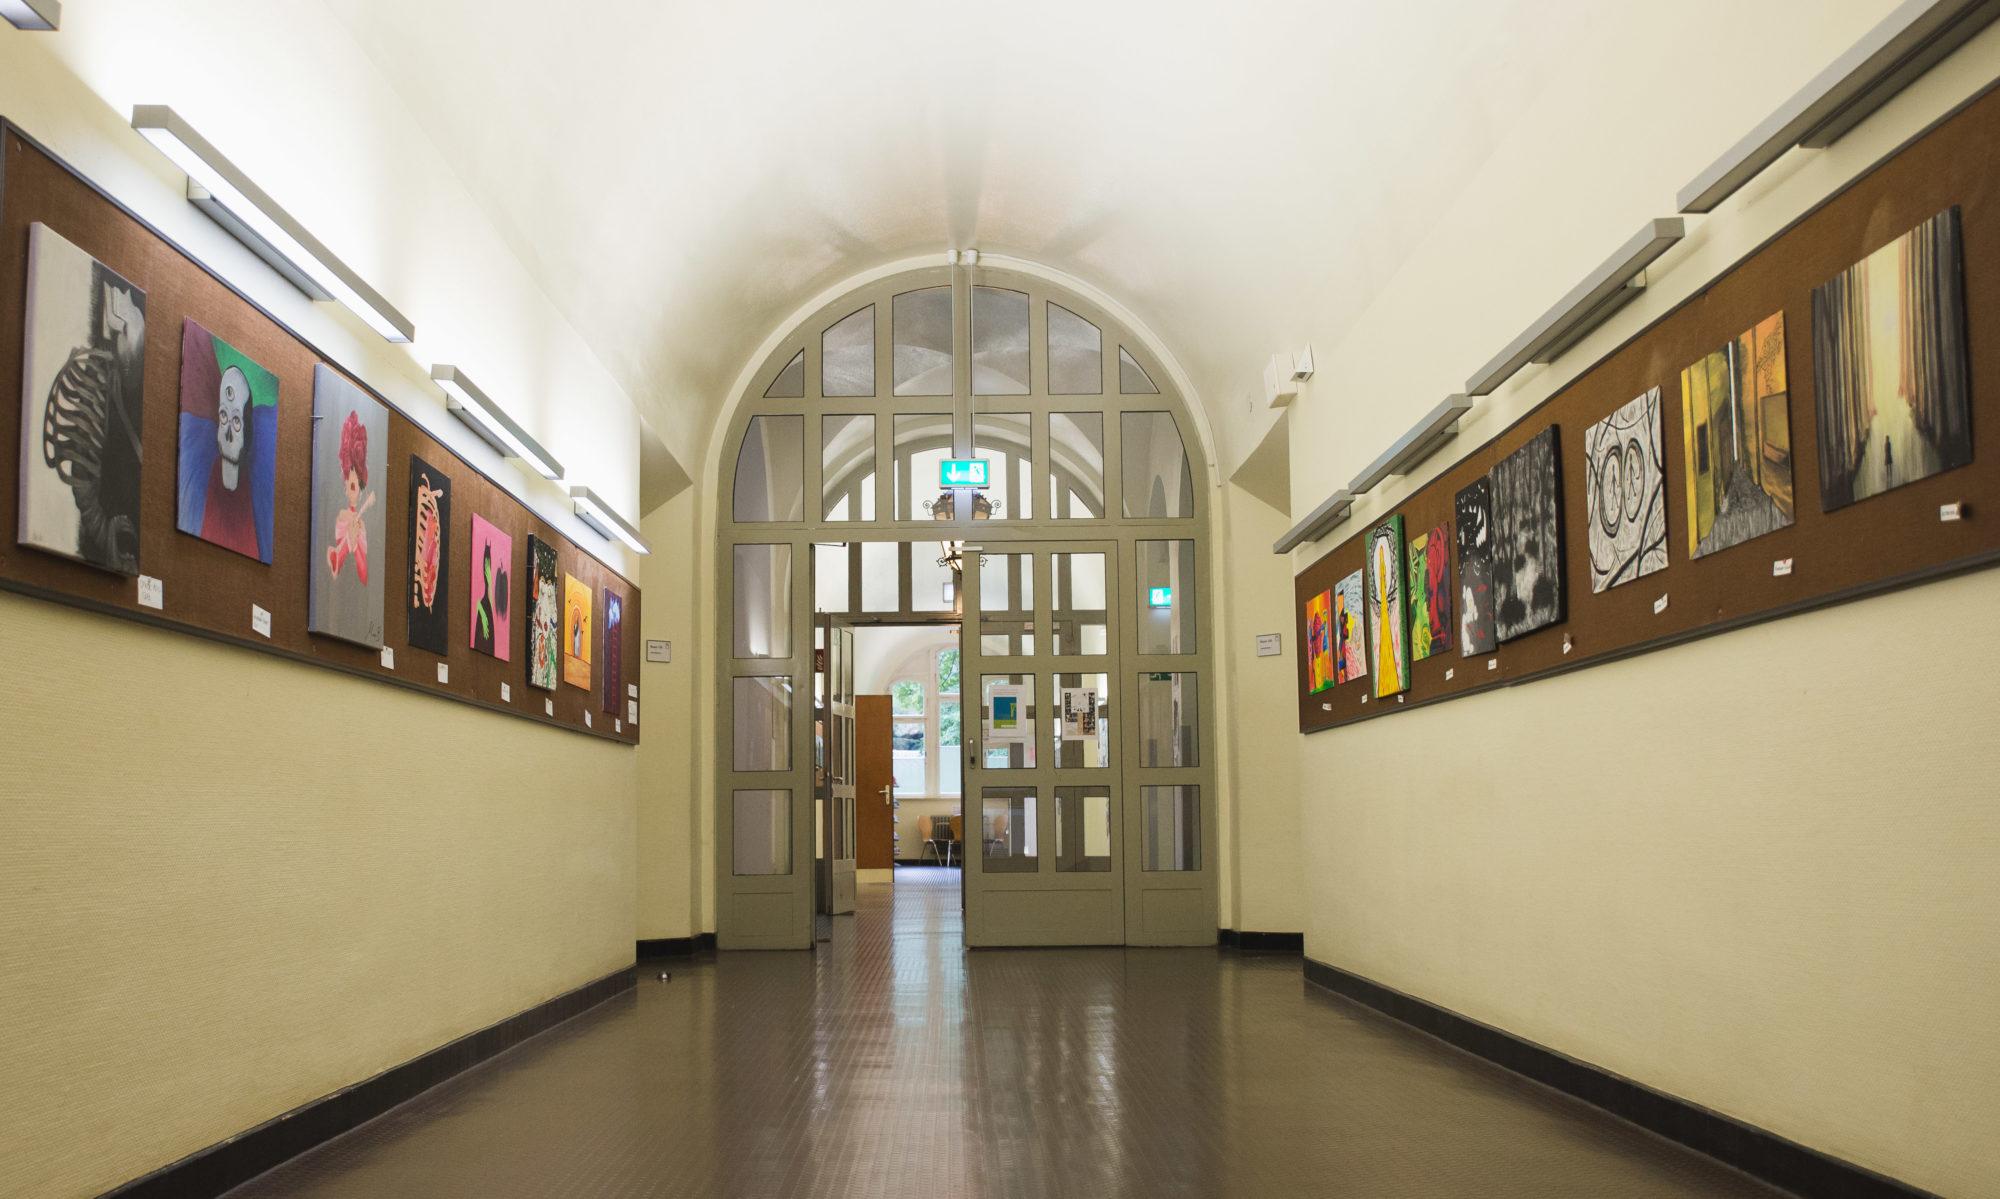 Förderverein des Gymnasiums an der Gartenstraße